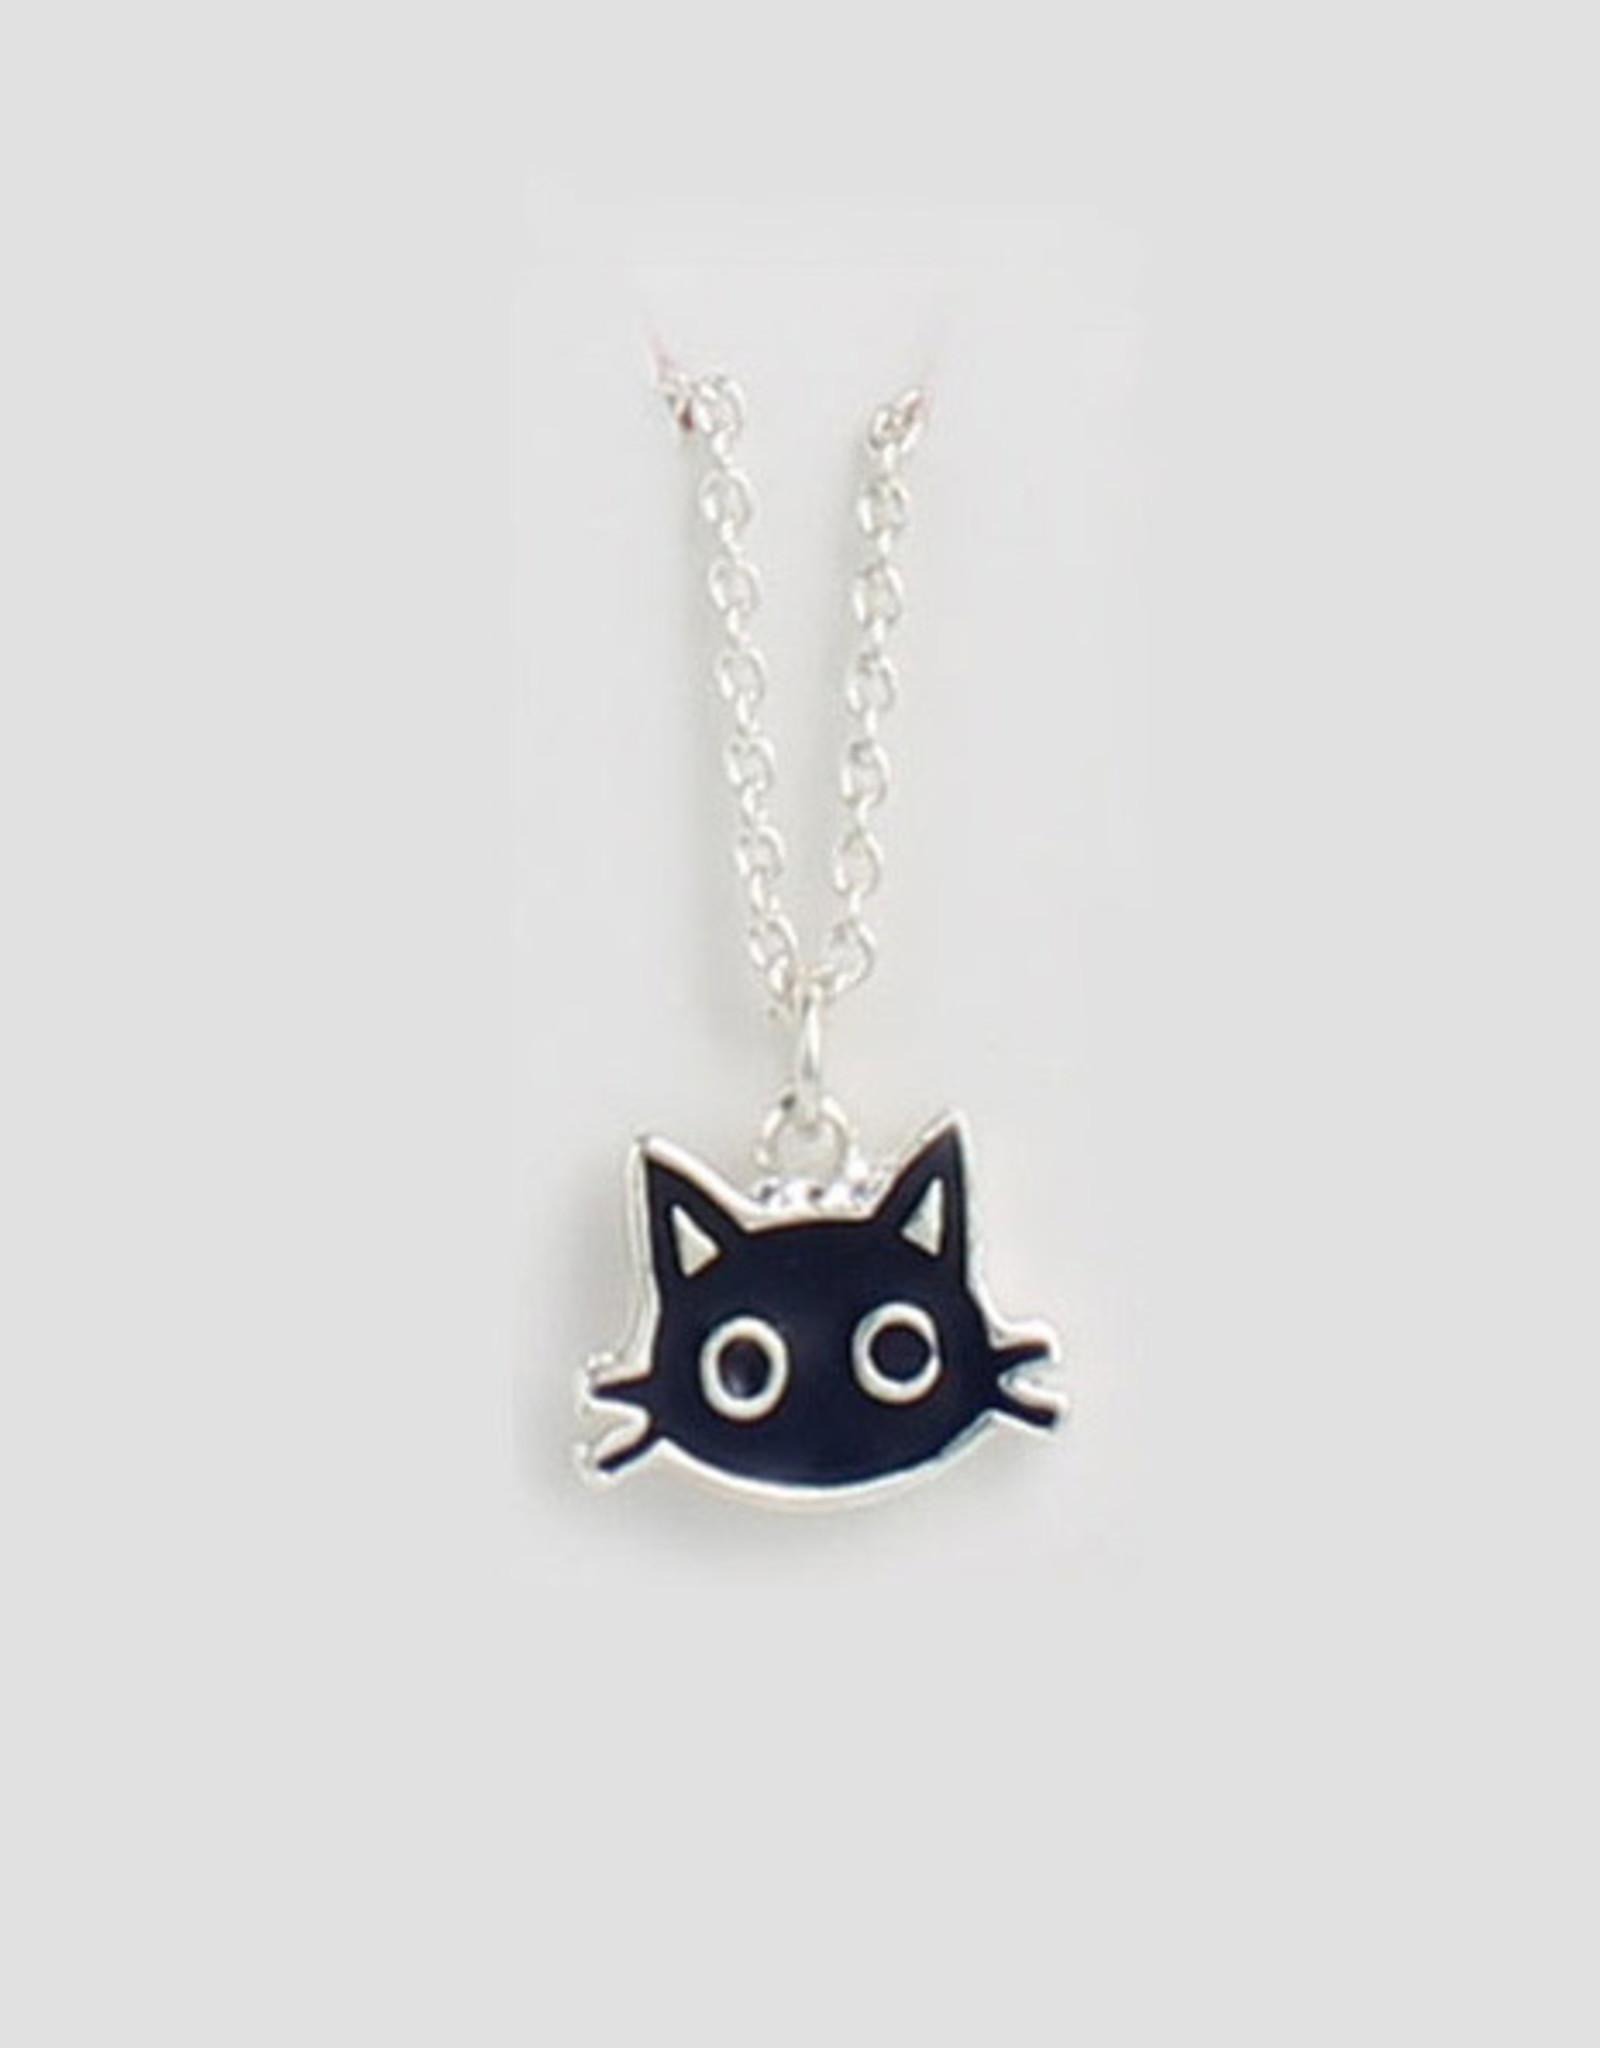 Tiny Black Cat Necklace, enamel